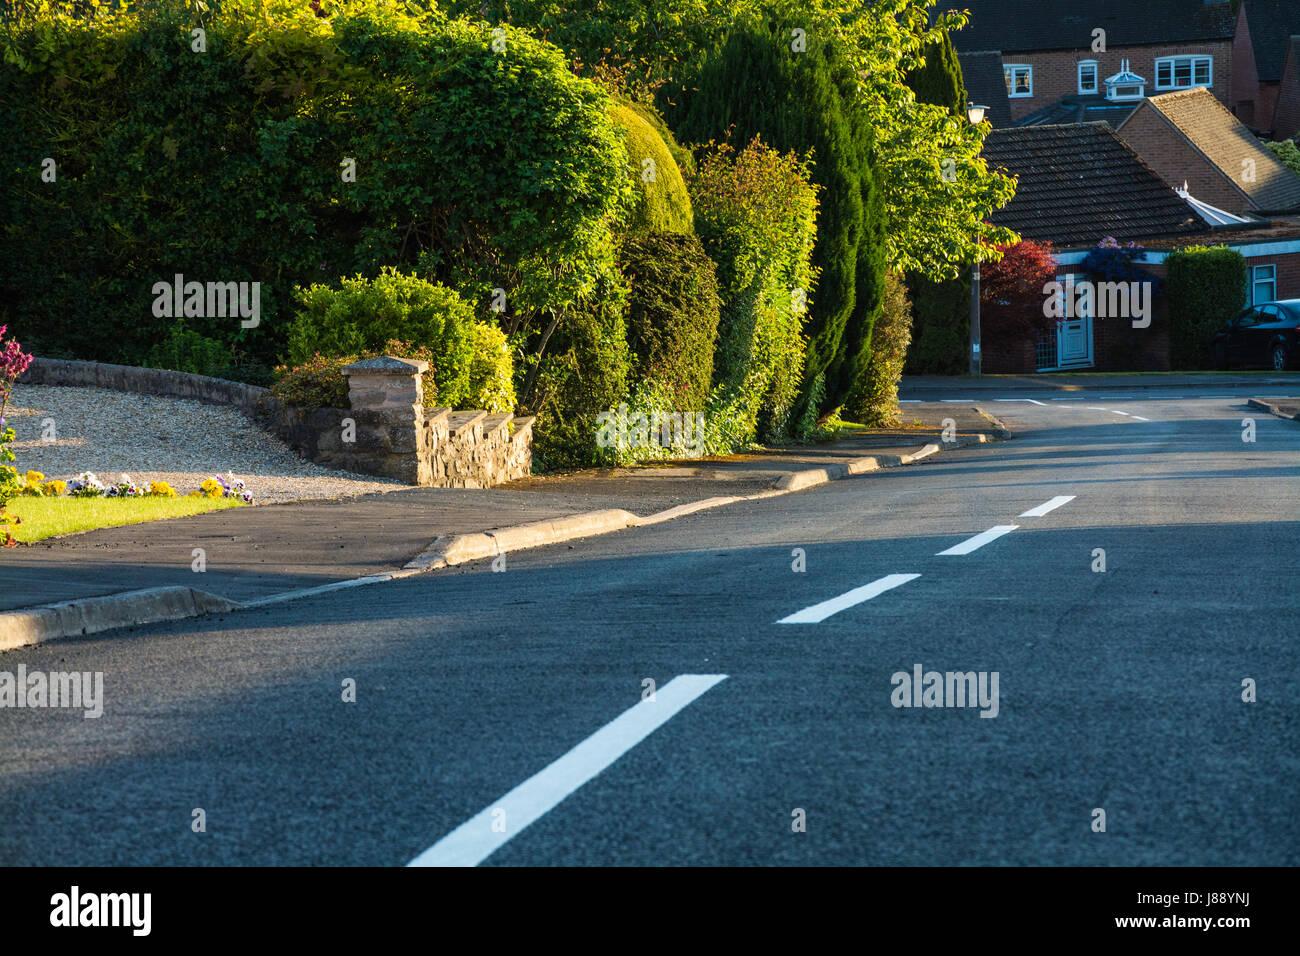 Rue de banlieue au crépuscule. La pente descendante. Le marquage routier. Shropshire, England, UK. Photo Stock